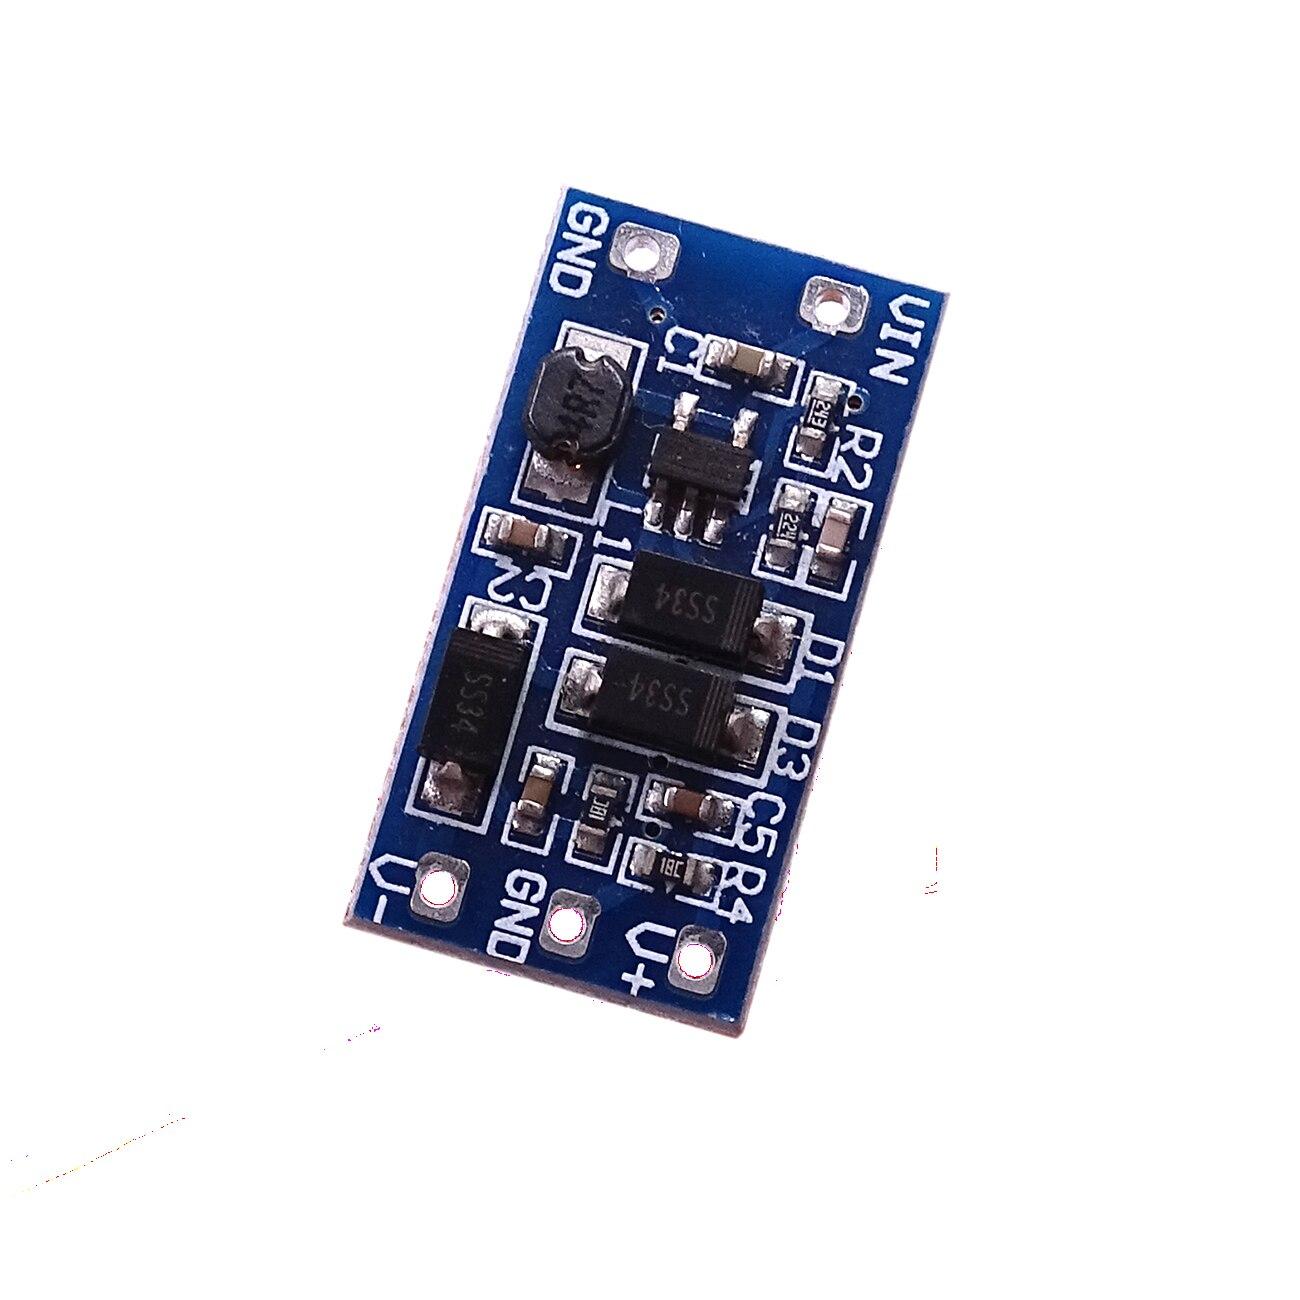 10 PCs pmbt 2222a Nexperia transistor NPN 40v 600ma 250mw sot23 New